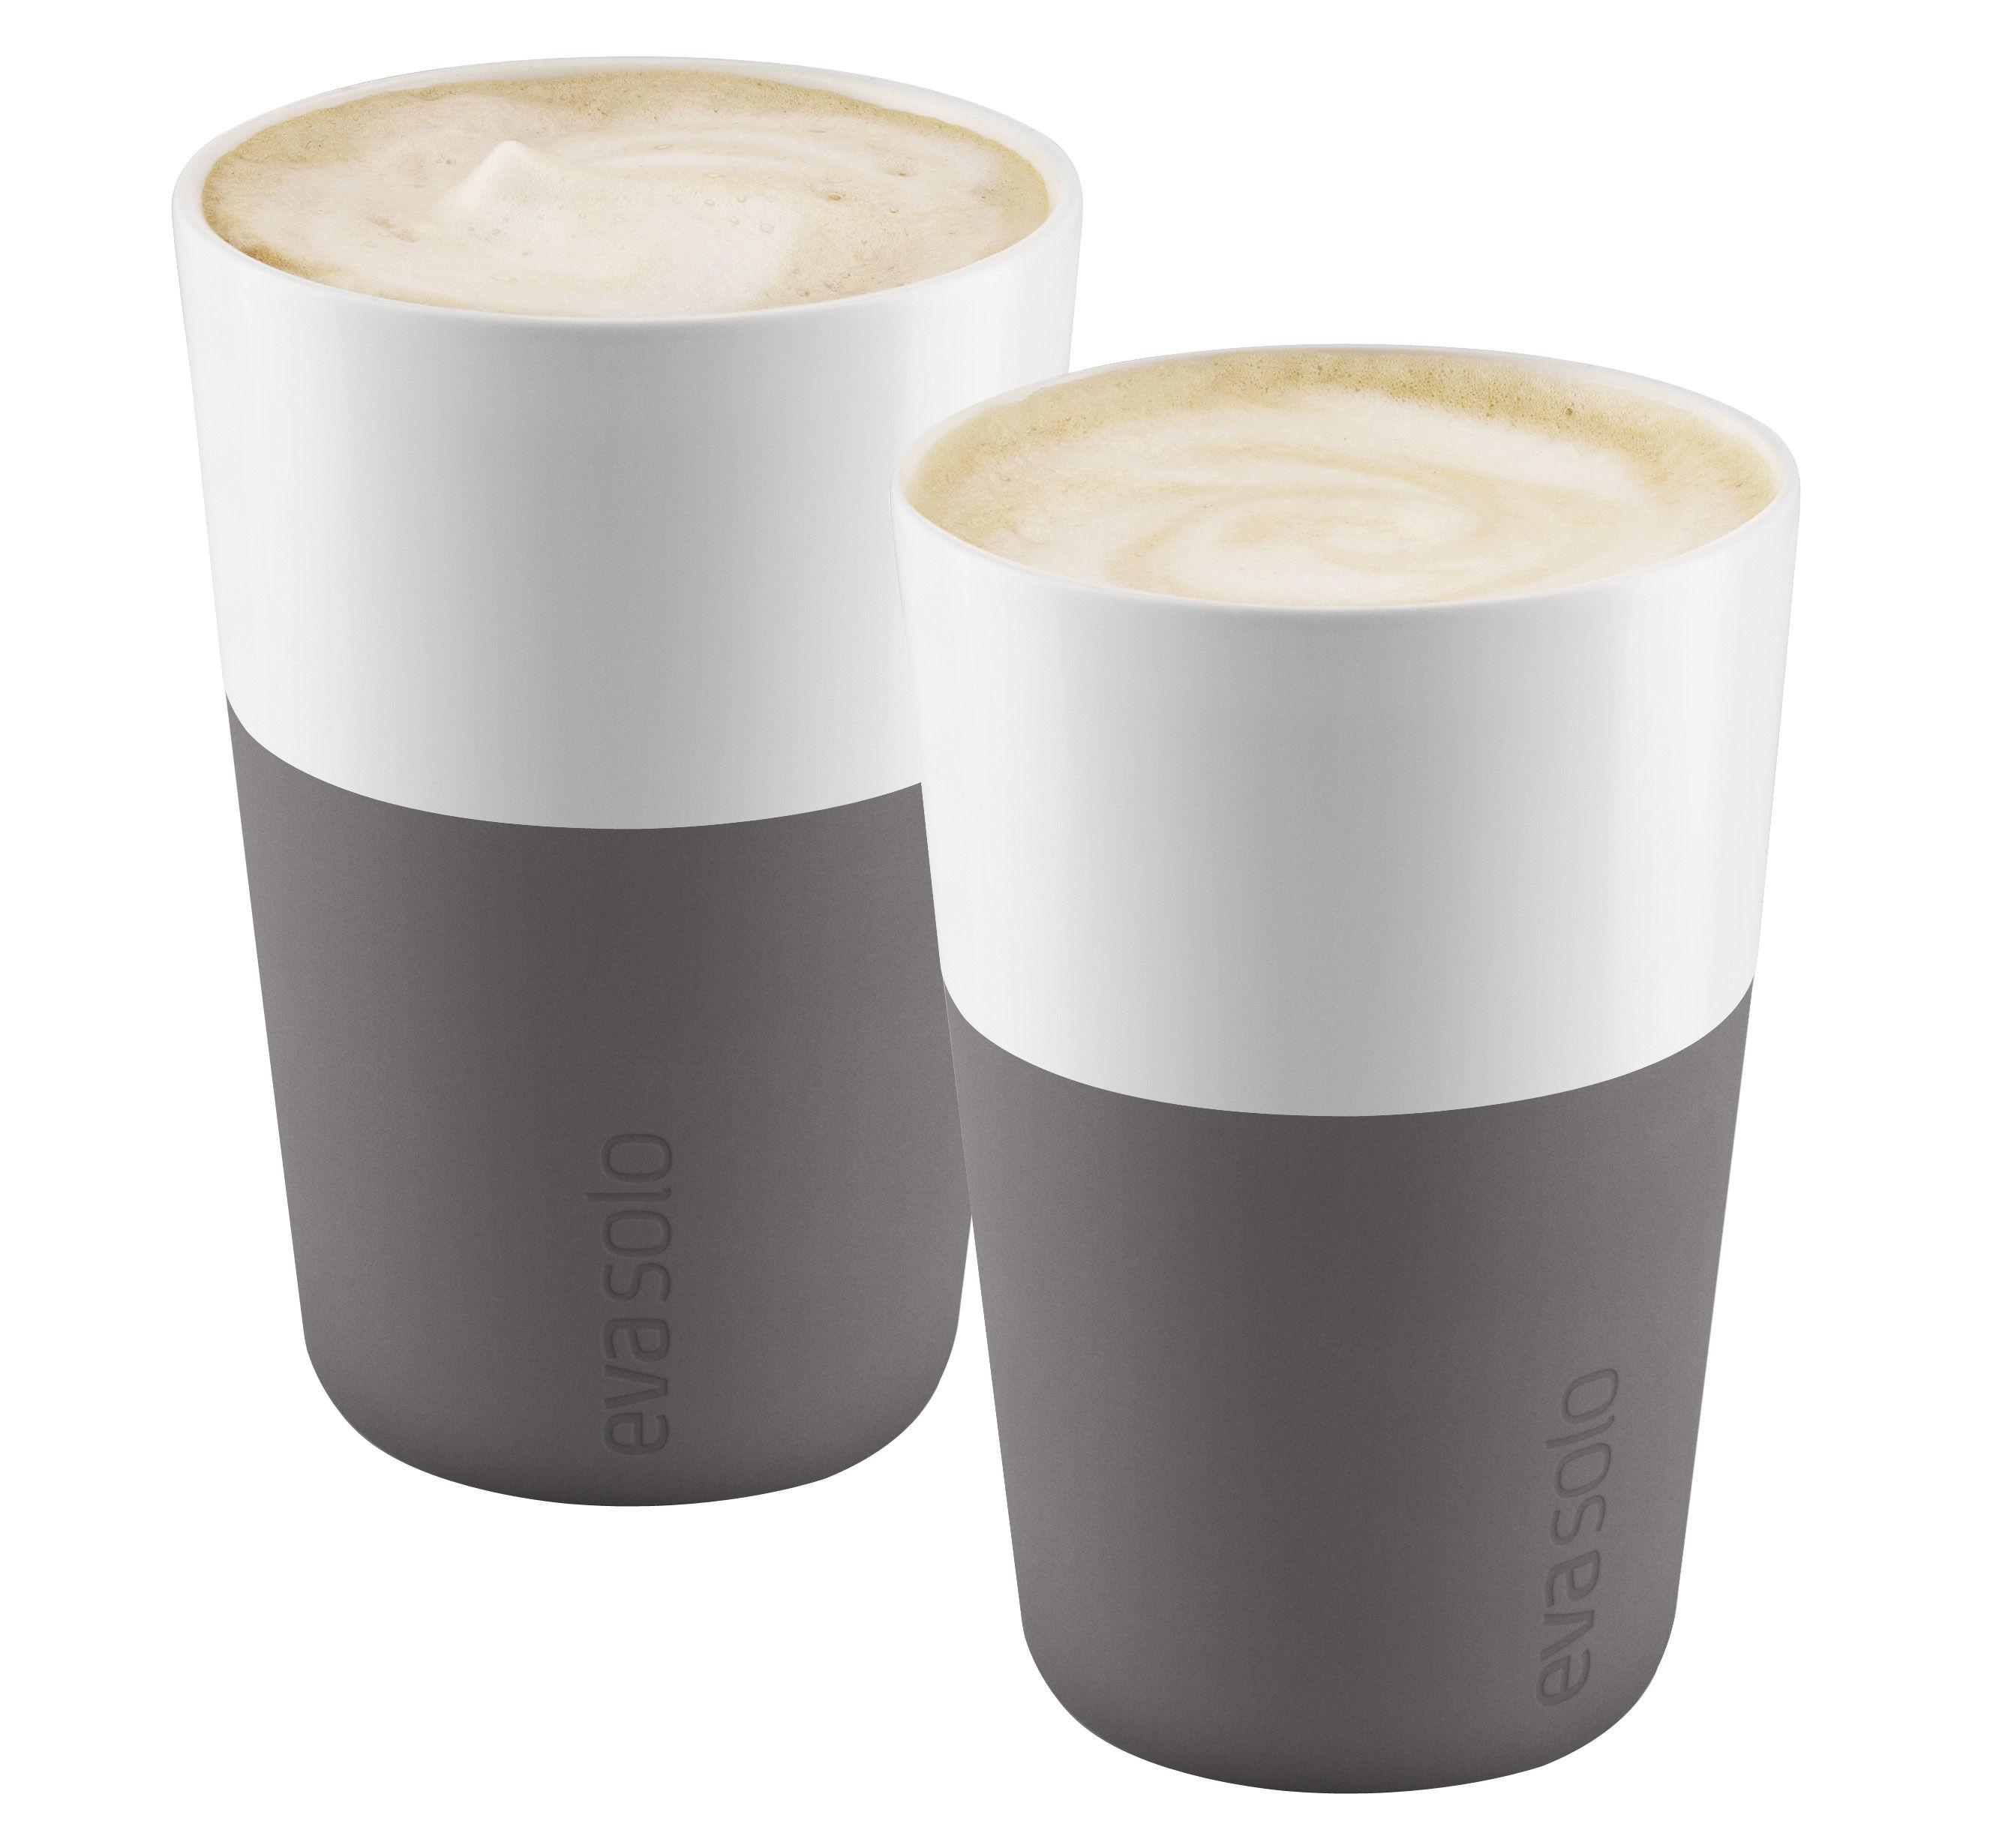 cafe latte mug set of 2 360 ml white elephant gey. Black Bedroom Furniture Sets. Home Design Ideas